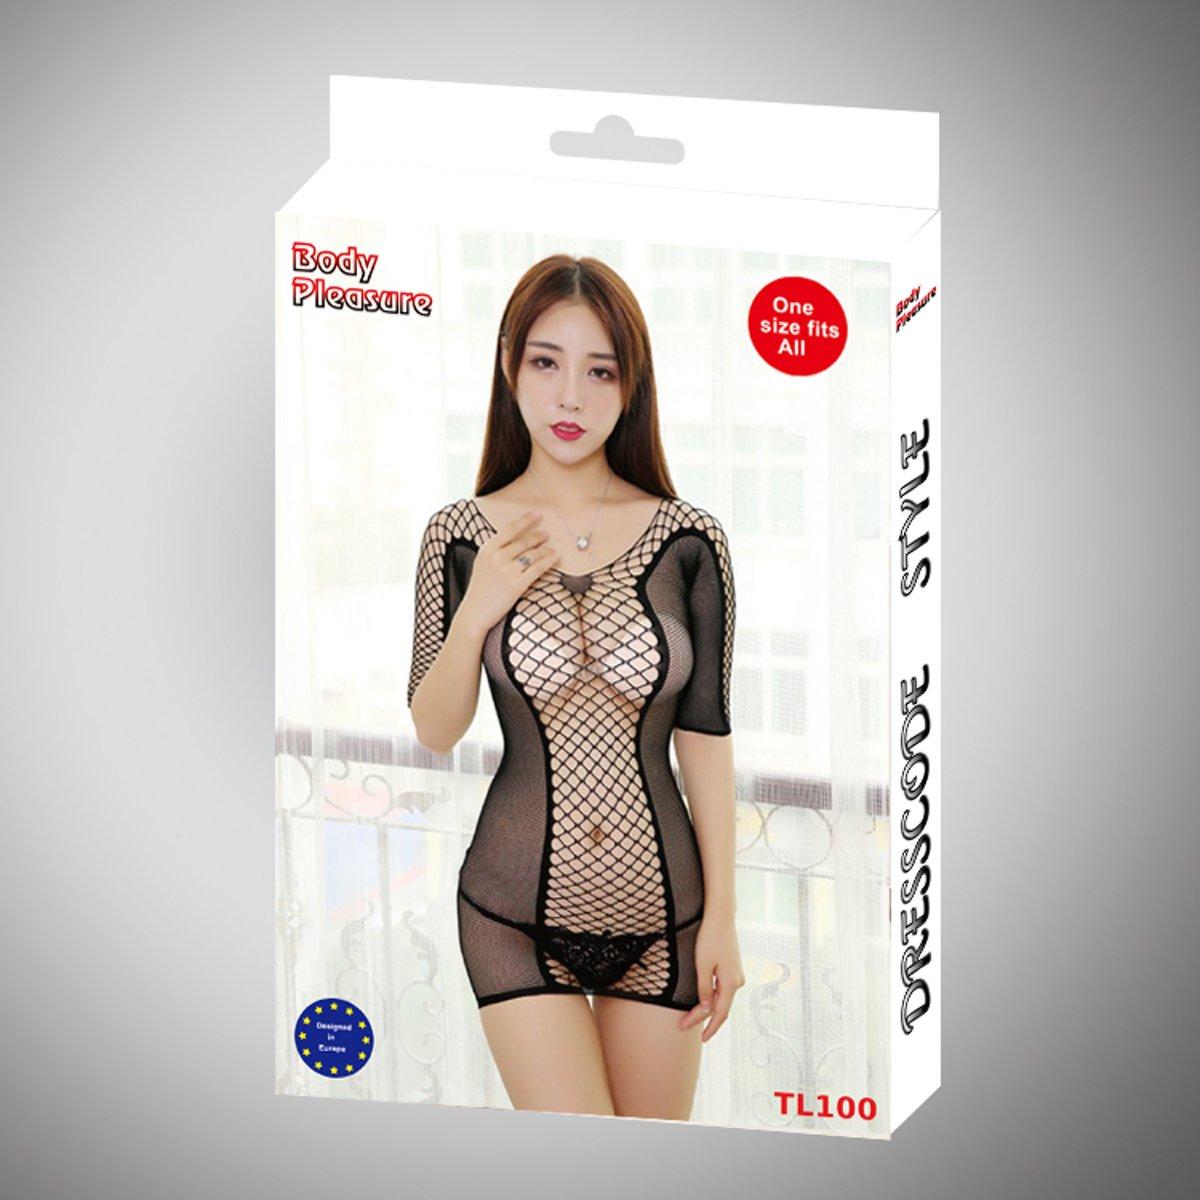 Foto van Body Pleasure - super strak en open jurkje - sexy lingerie set - uitdagende trendy bodystocking / jurkje - one size fits most - tl100 - verpakt in super gave body pleasure cadeaubox